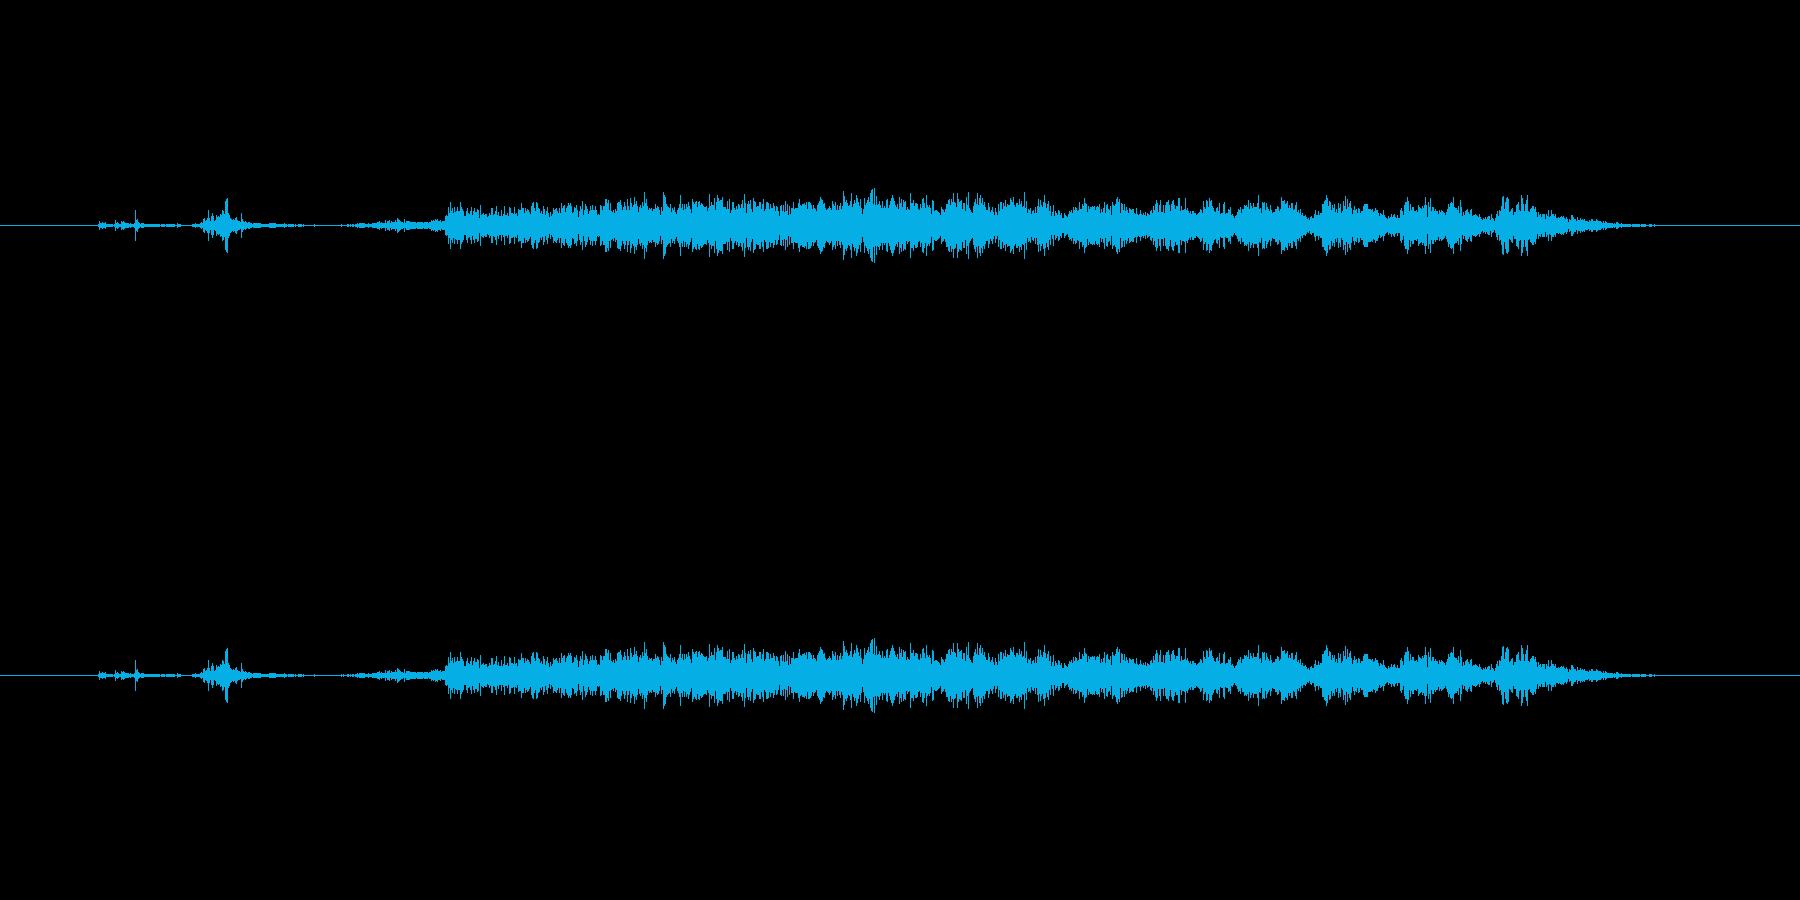 【カッター01-7(切る 段ボール)】の再生済みの波形